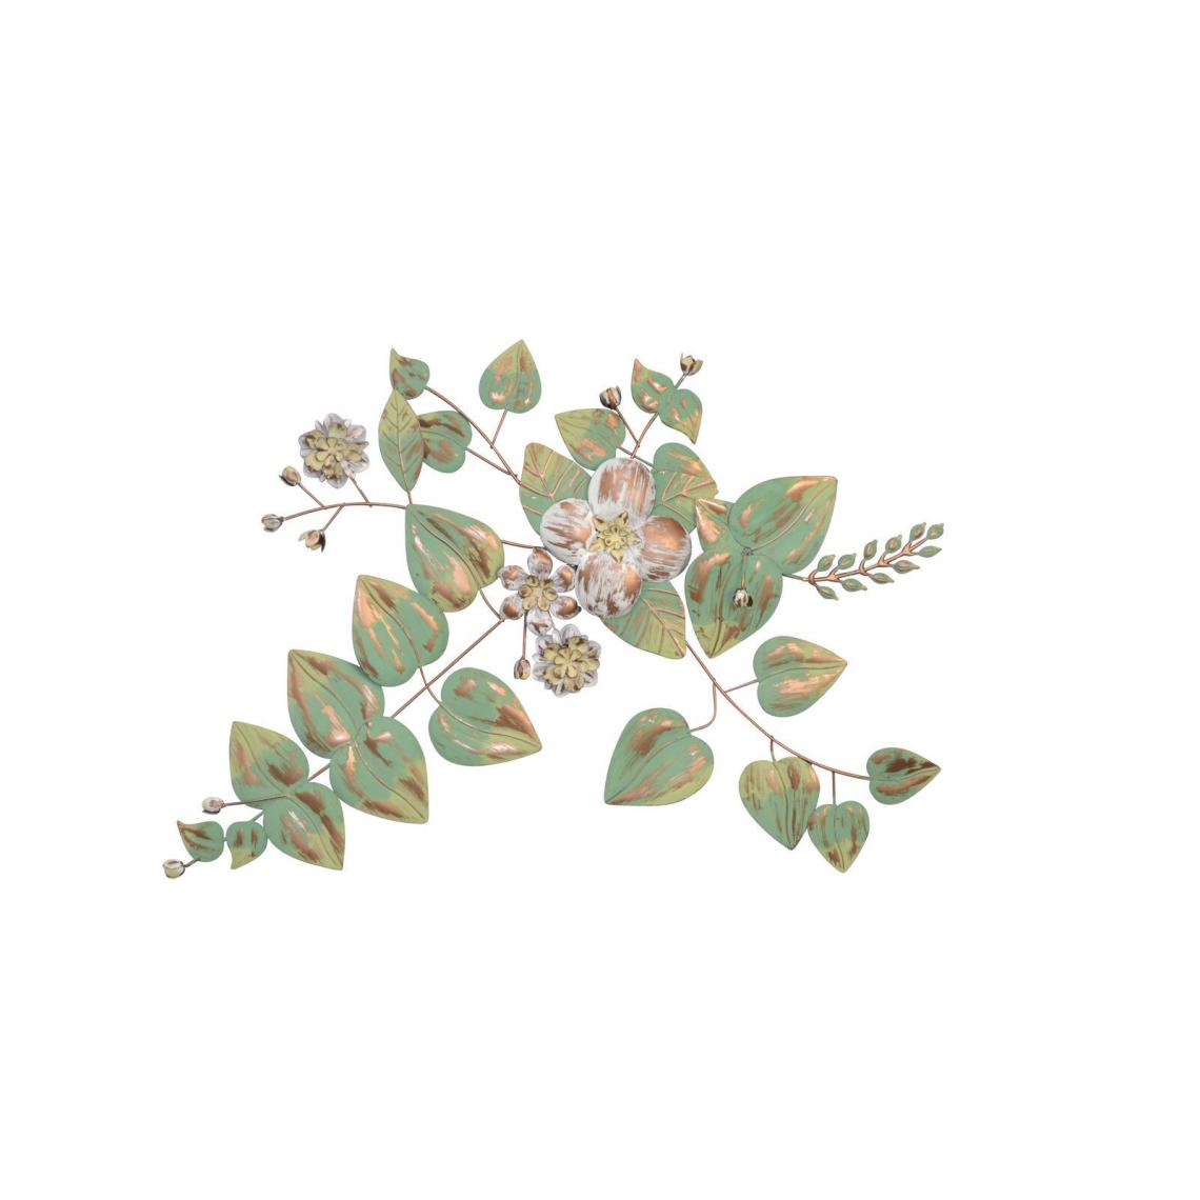 Decoshop26 Décoration murale fleurs et feuilles en métal vert crème-or blanc 70x4x69 cm DEC05056